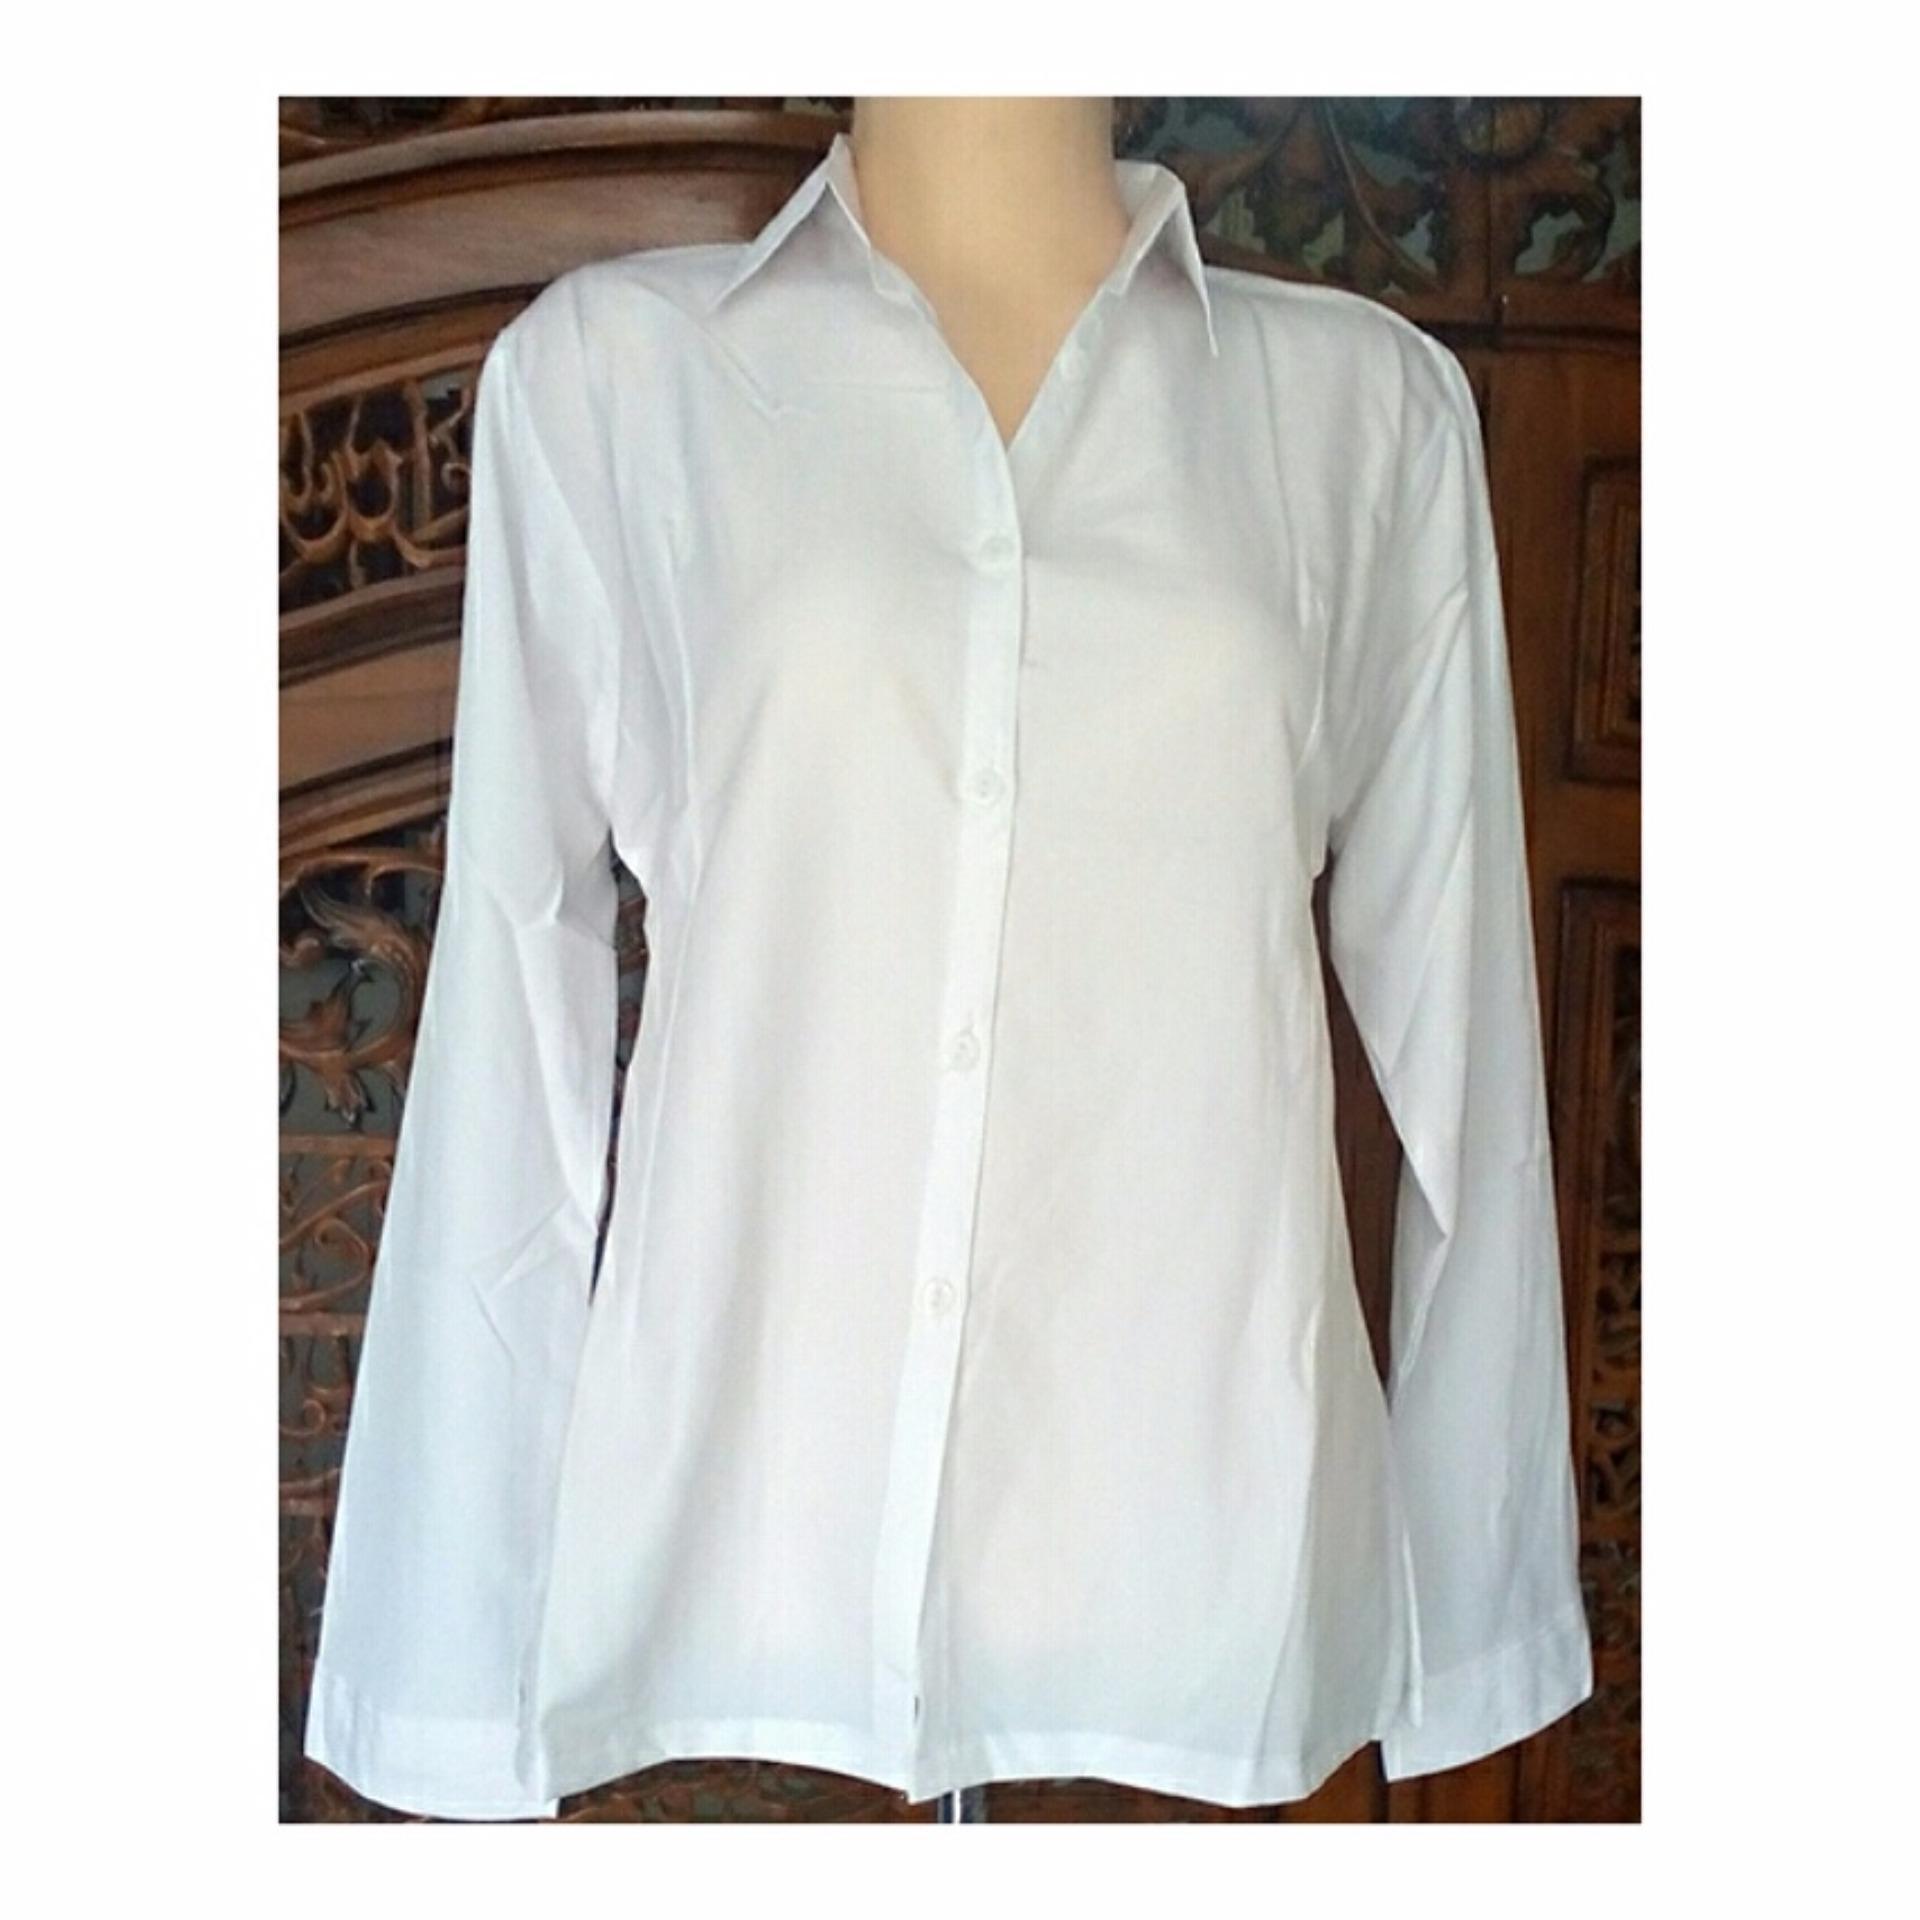 Beli Barang Kemeja Wanita Baju Wanita Polos Putih Polos Online